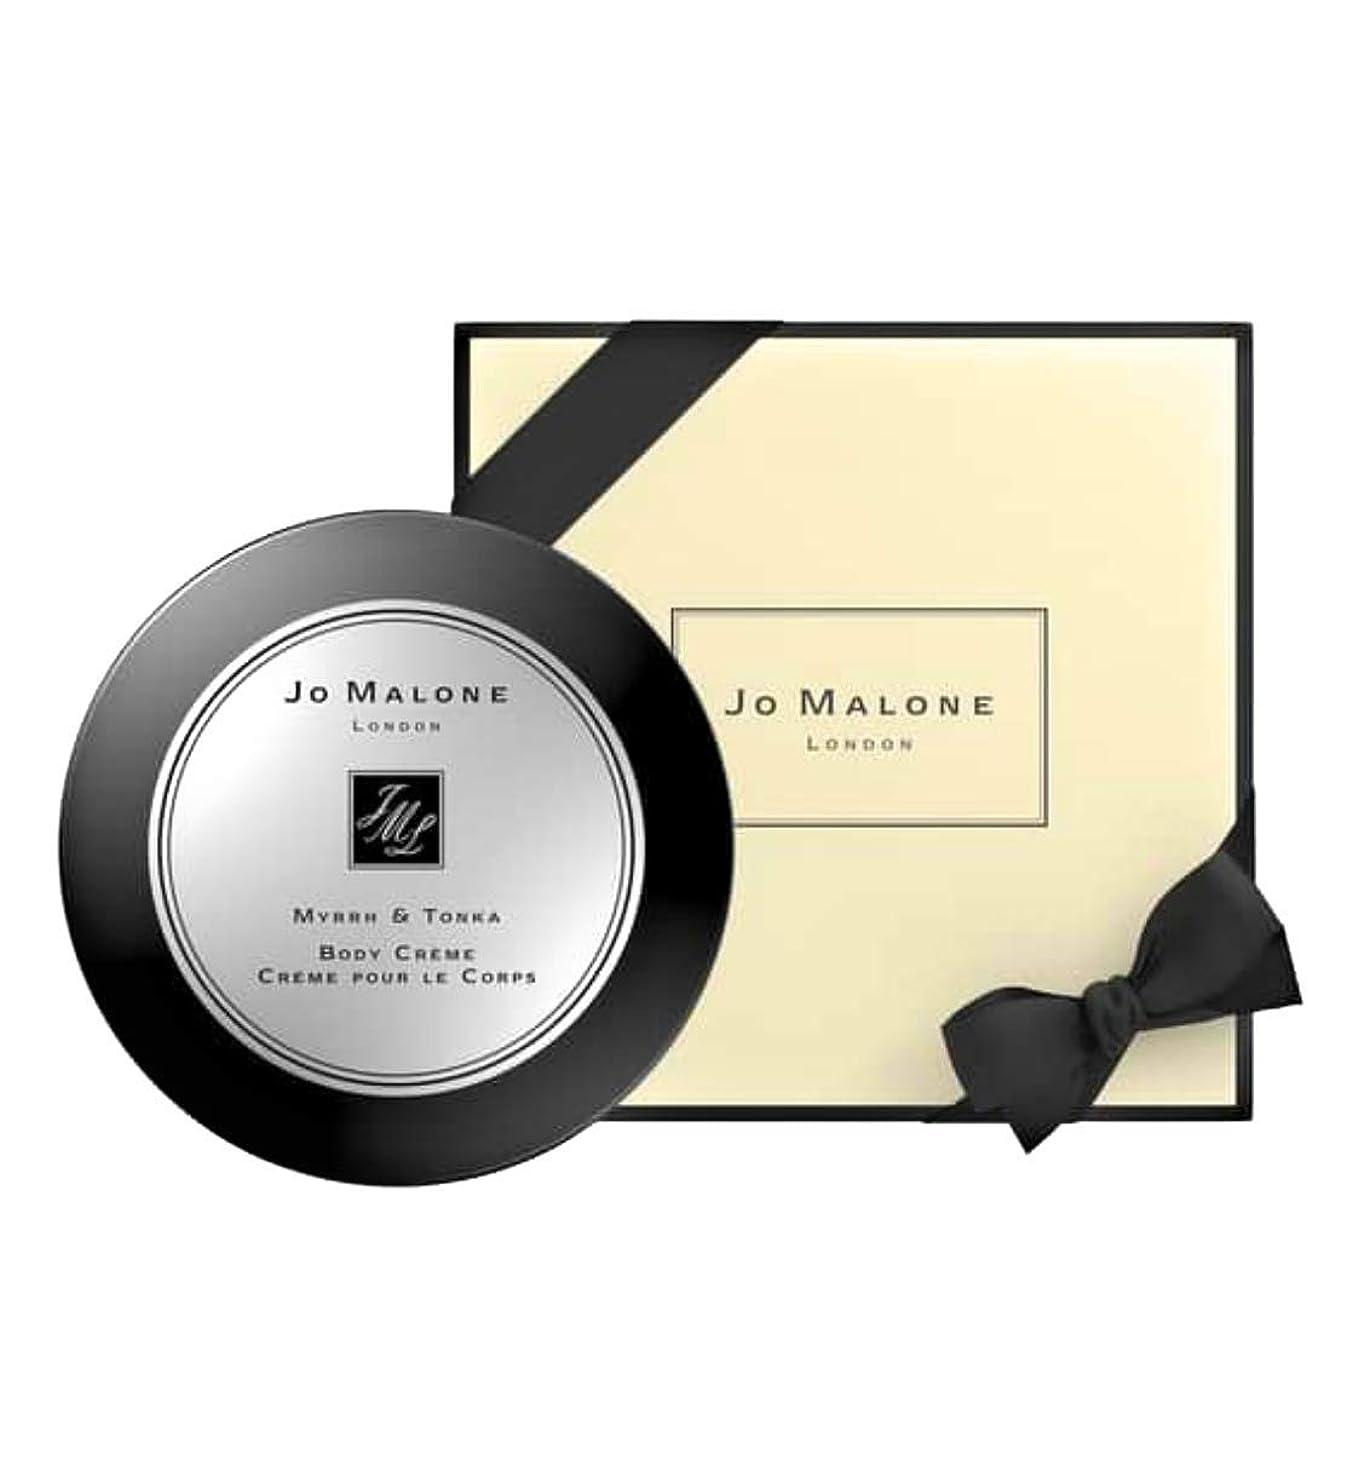 実業家発生する懲戒JO MALONE LONDON(ジョー マローン ロンドン) ミルラ & トンカ ボディ クレーム 175ml